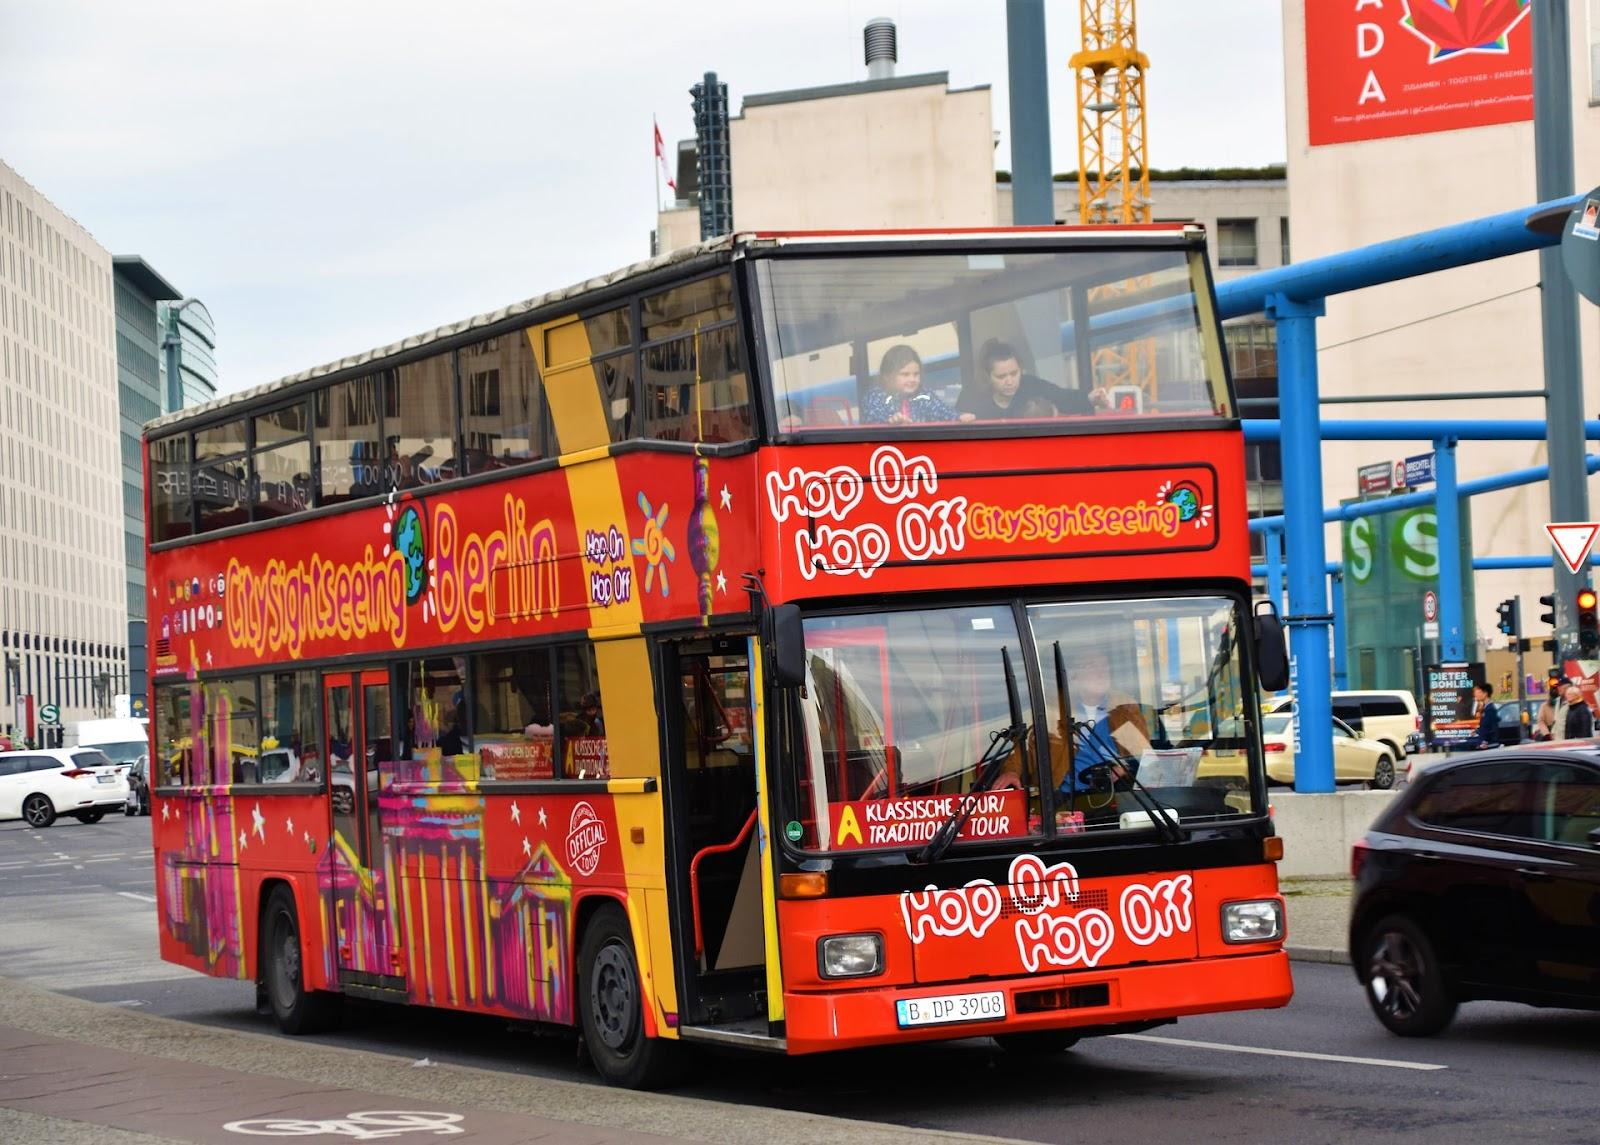 Wie funktionieren Hop-on und Hop-off Busreisen?